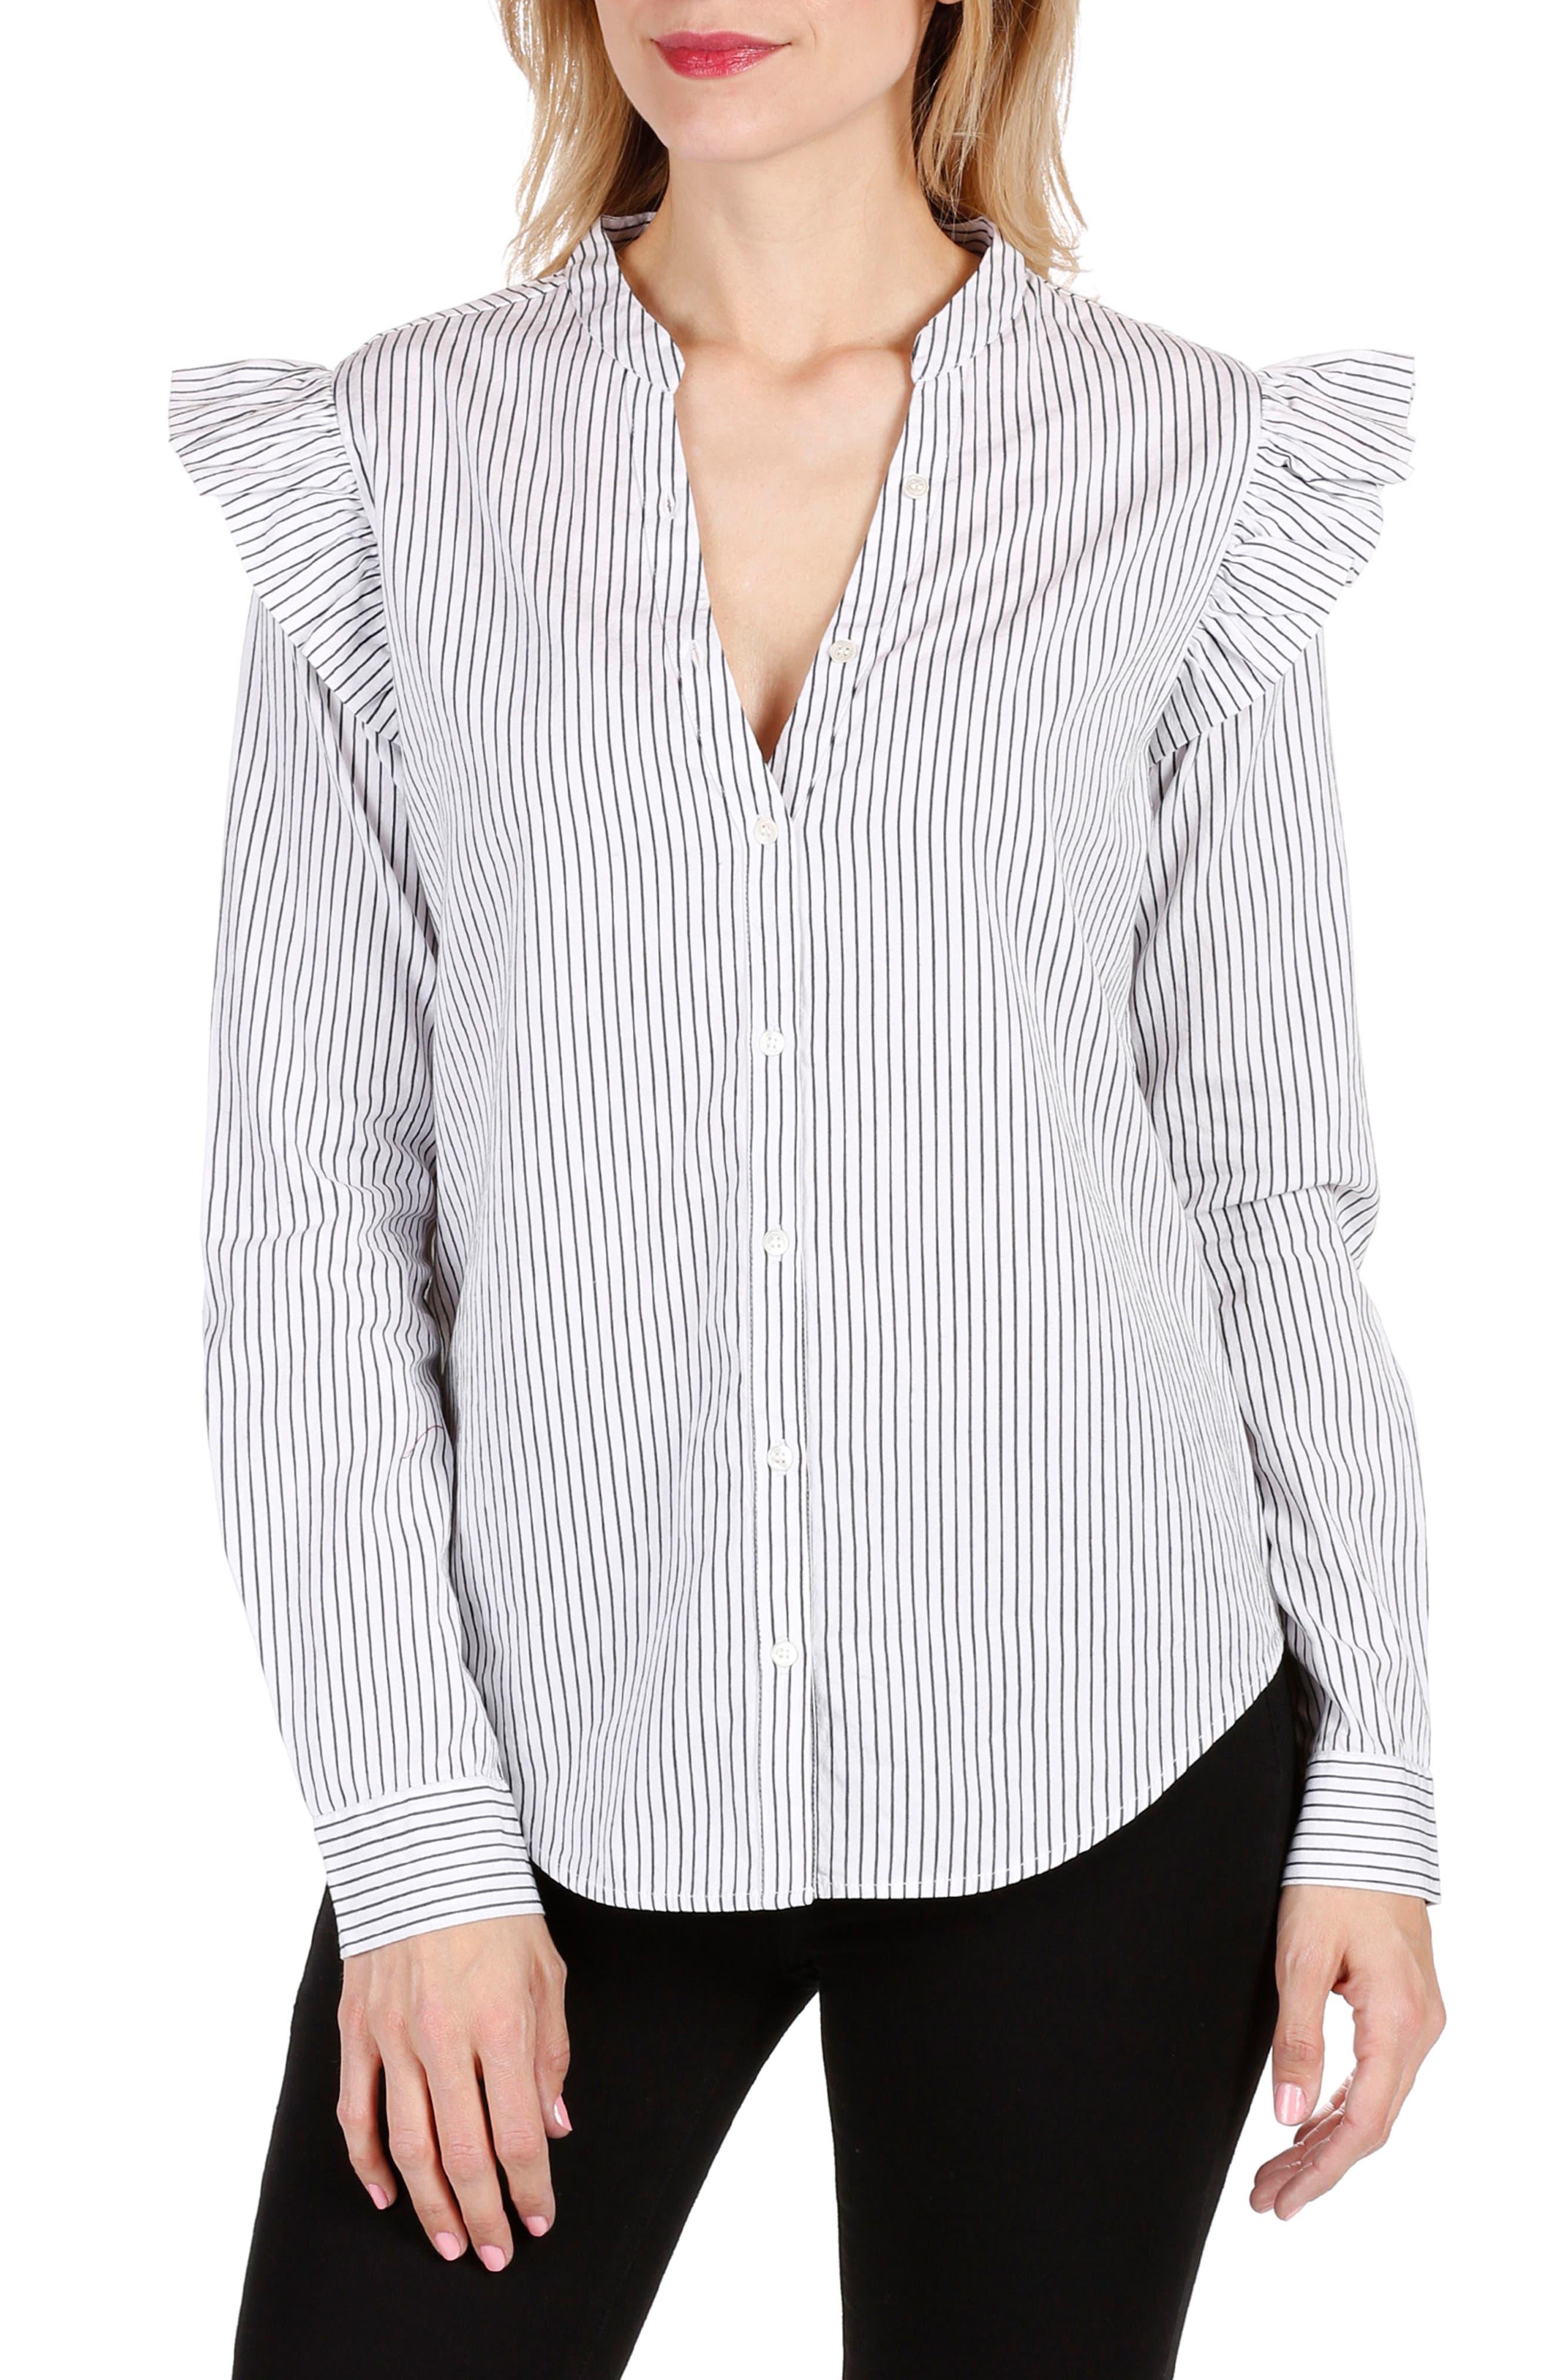 Jenelle Ruffle Dress Shirt,                             Main thumbnail 1, color,                             Black/ White Stripe